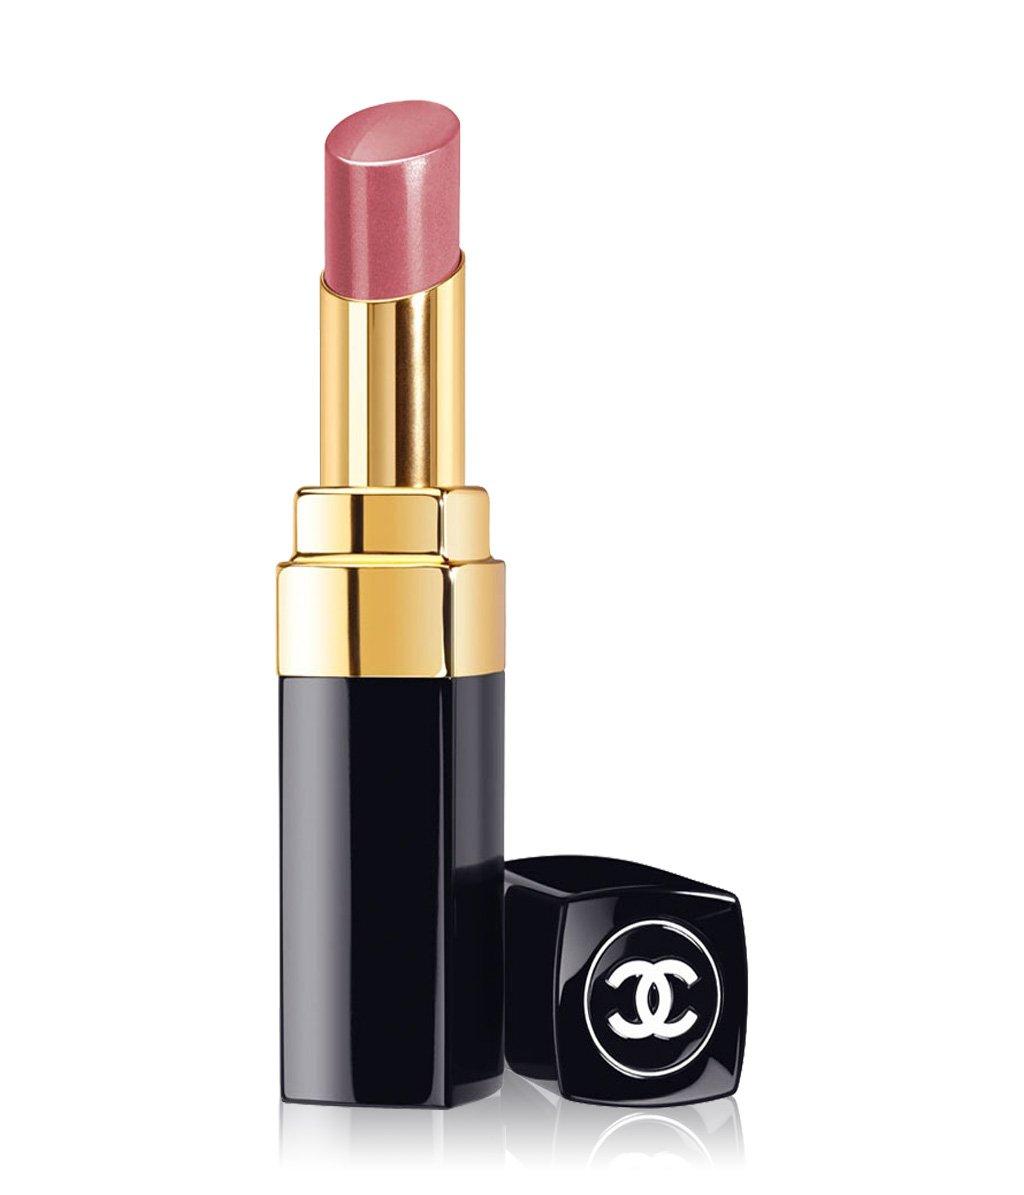 Coco Chanel Lippenstift : chanel rouge coco shine lippenstift bestellen flaconi ~ Watch28wear.com Haus und Dekorationen